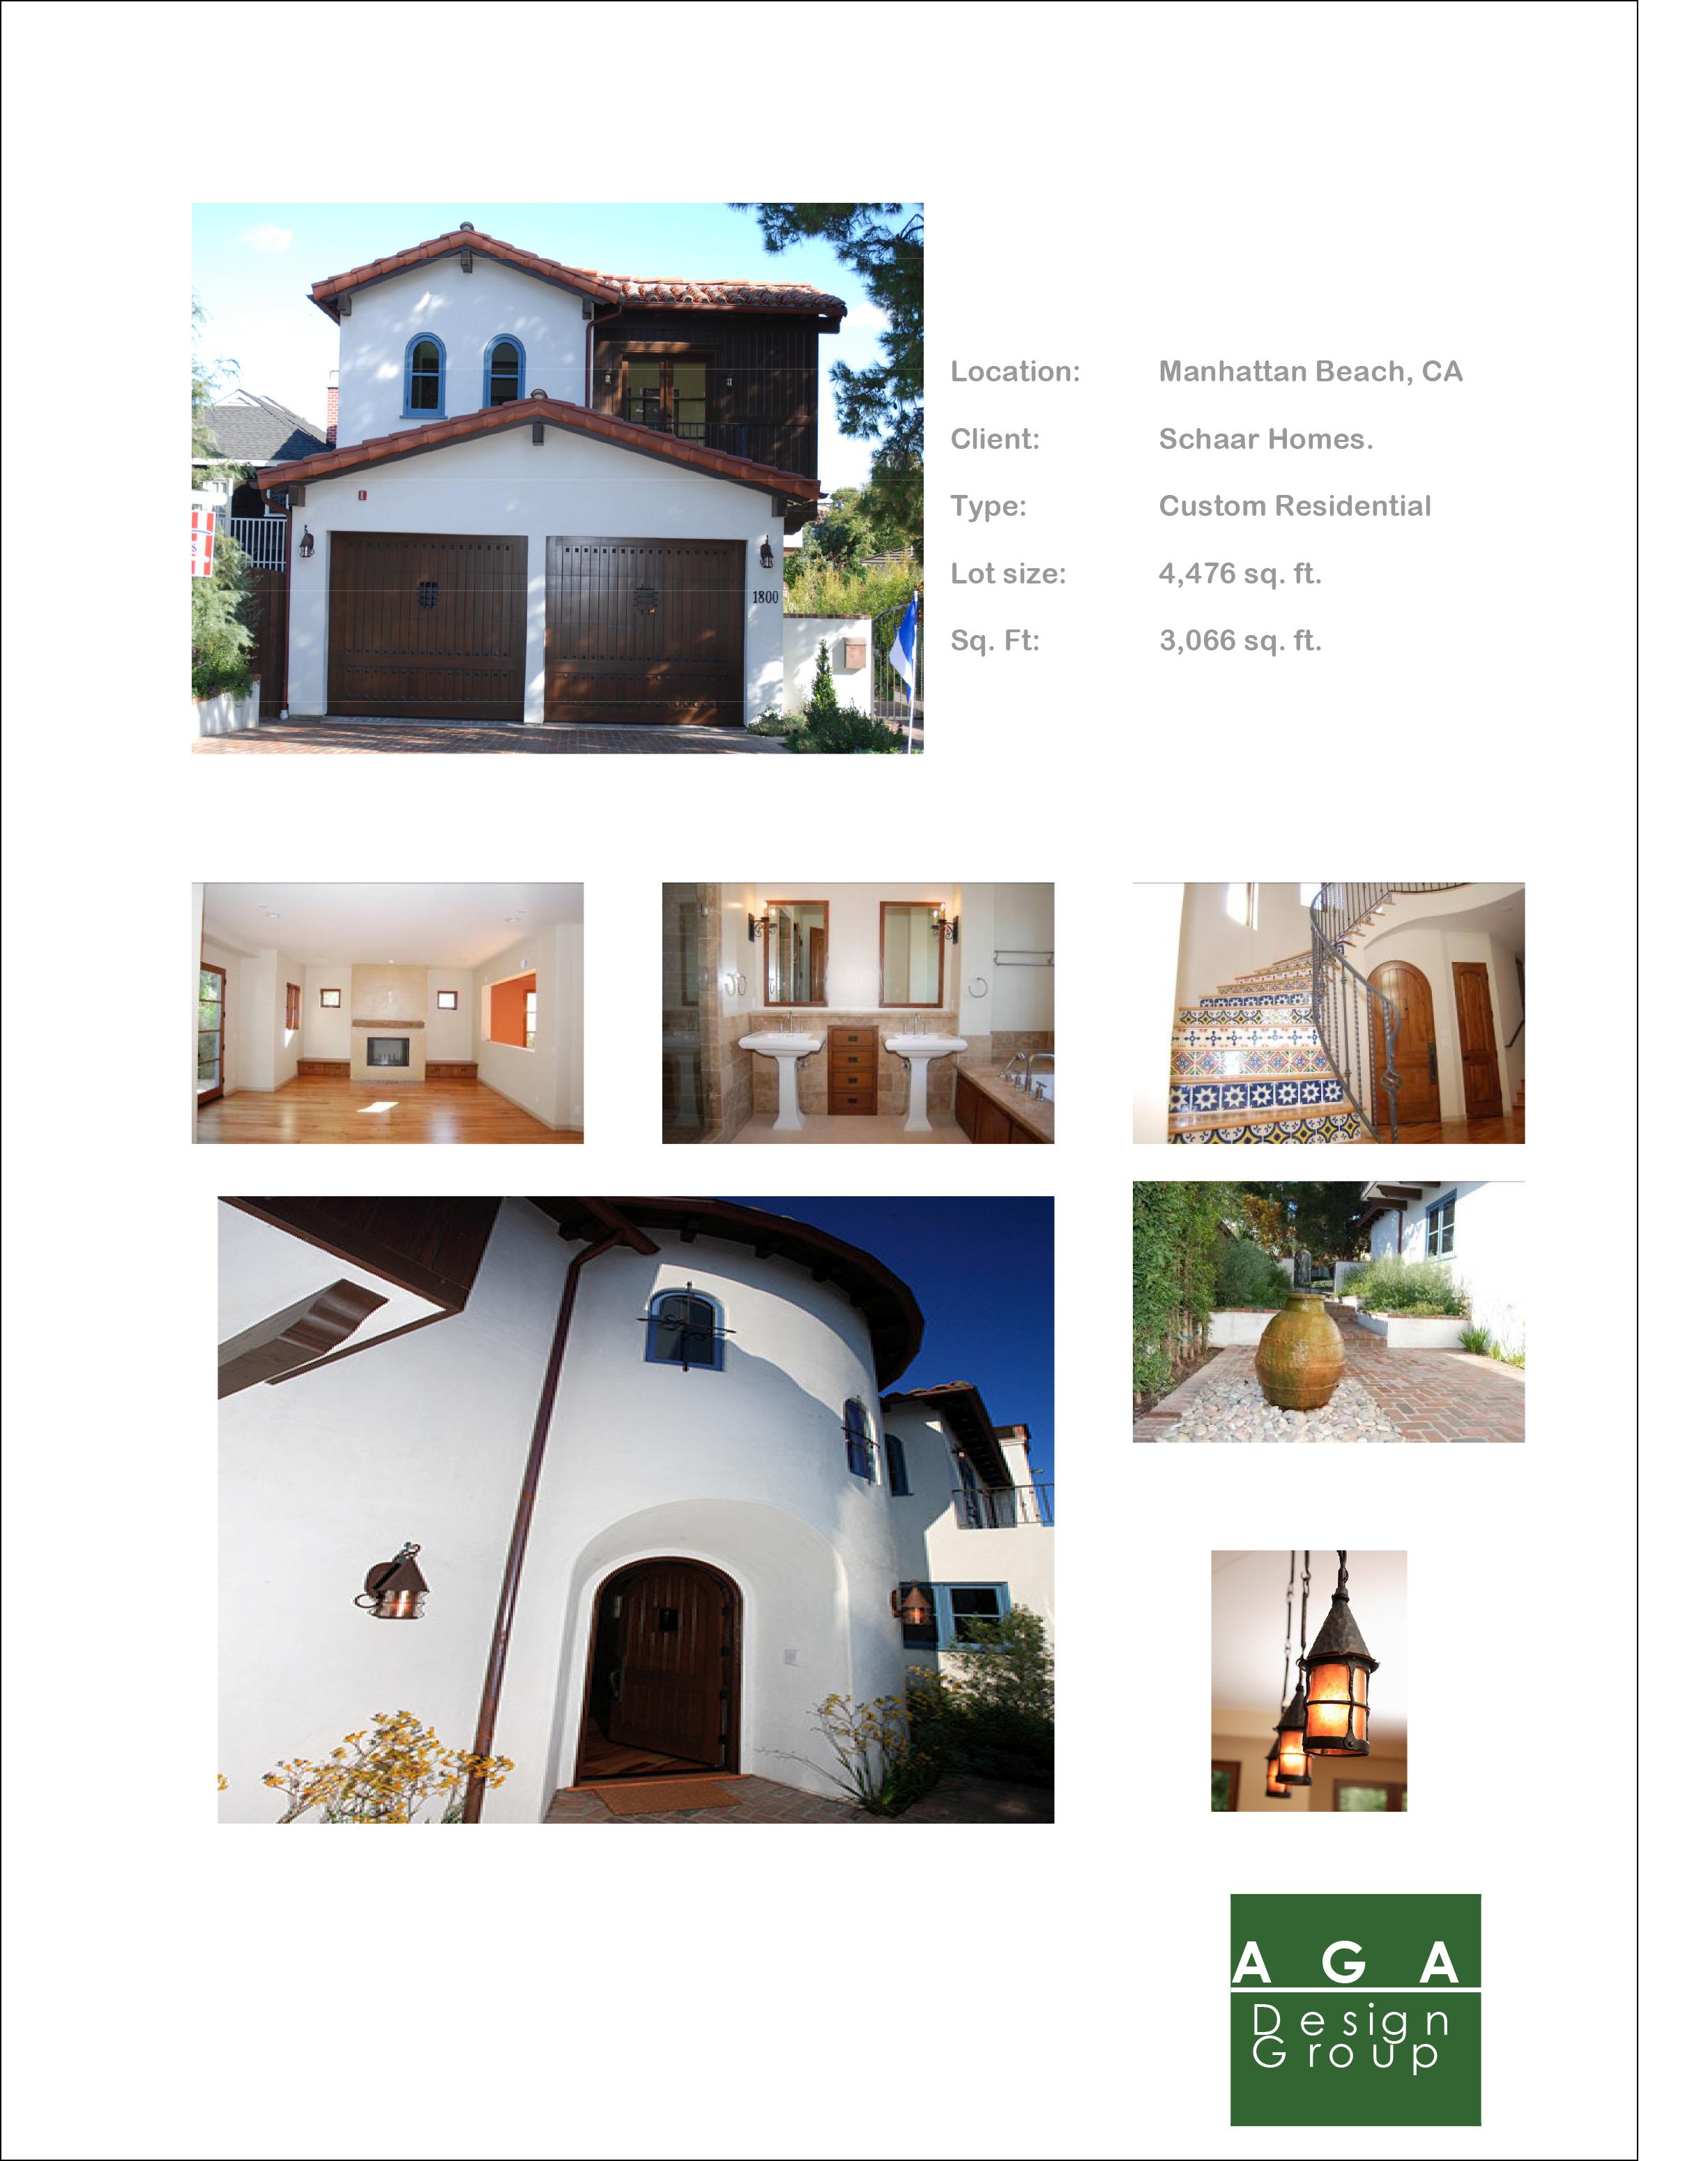 AGA_Design-4